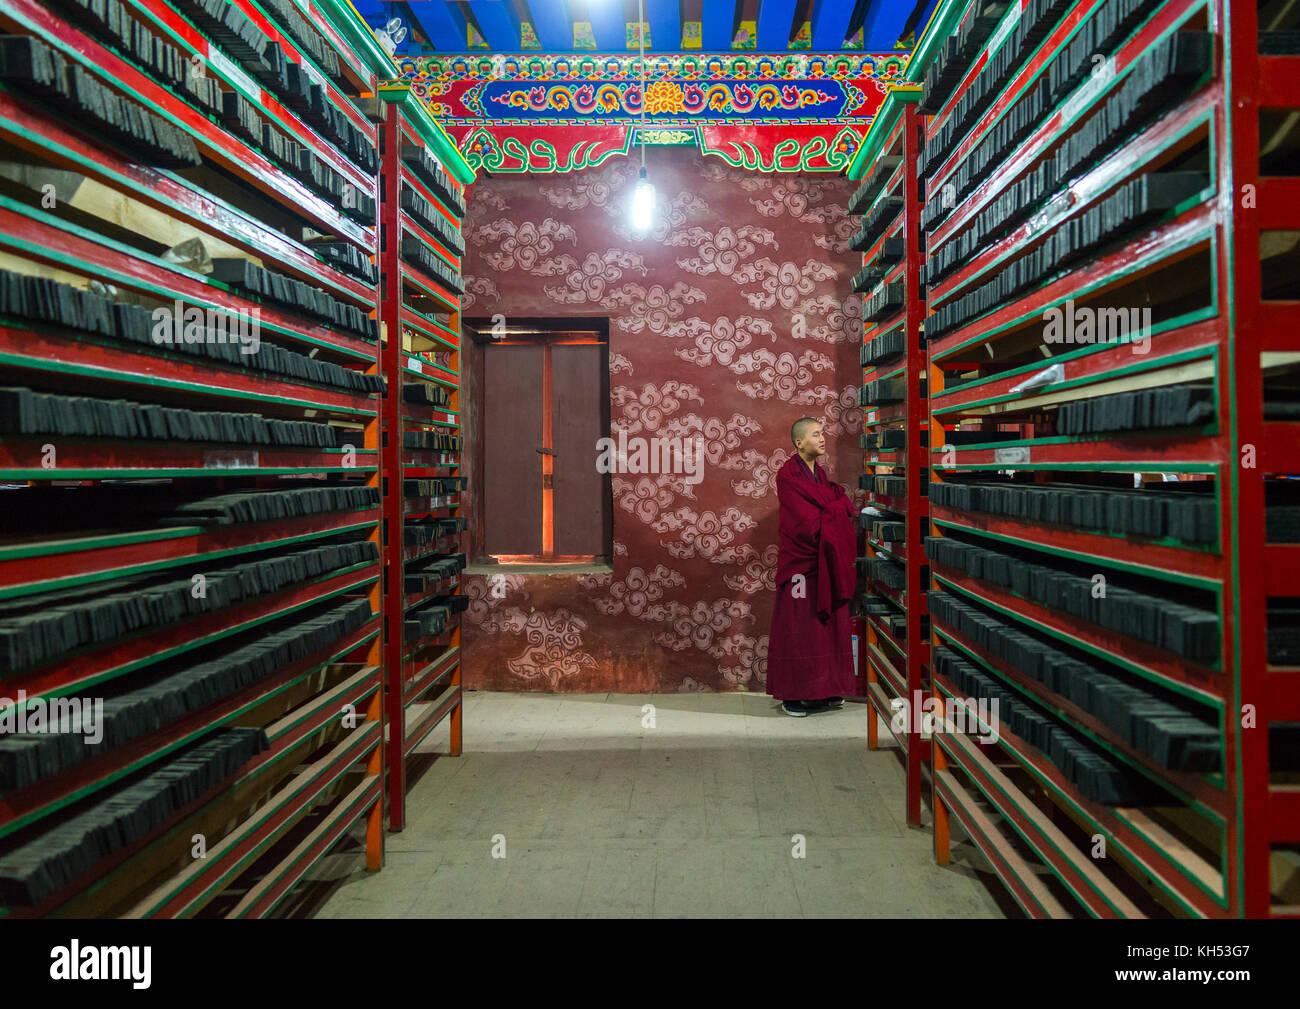 Il Tibetano scritture stampato da blocchi di legno nella libreria Barkhang, provincia di Gansu, Labrang, Cina Immagini Stock